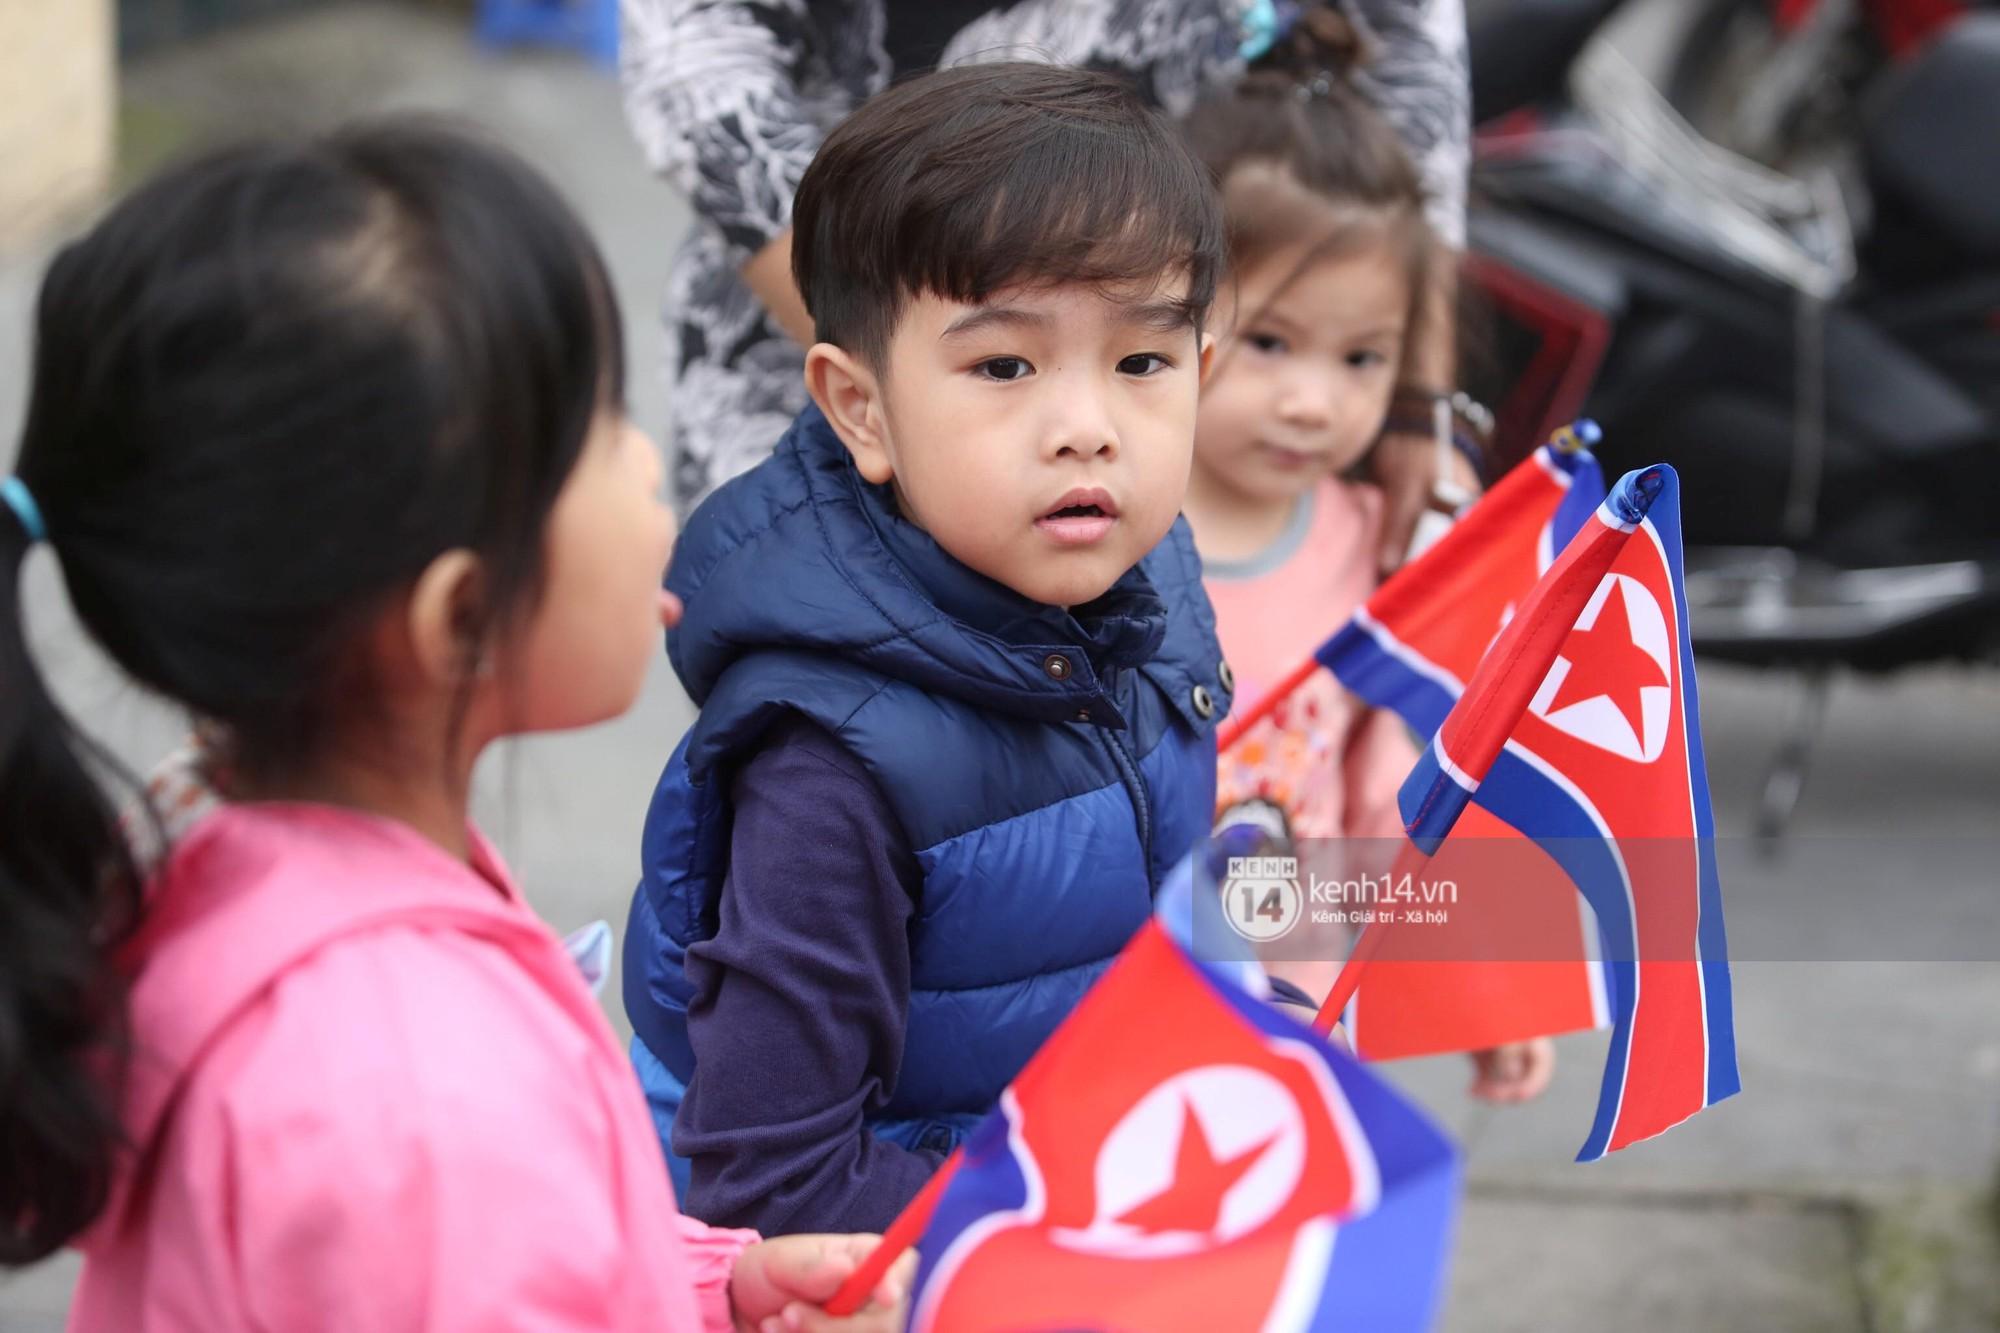 Chủ tịch Kim Jong-un vẫy tay chào người dân, đang trên đường viếng đài liệt sĩ và lăng Chủ tịch Hồ Chí Minh - Ảnh 10.